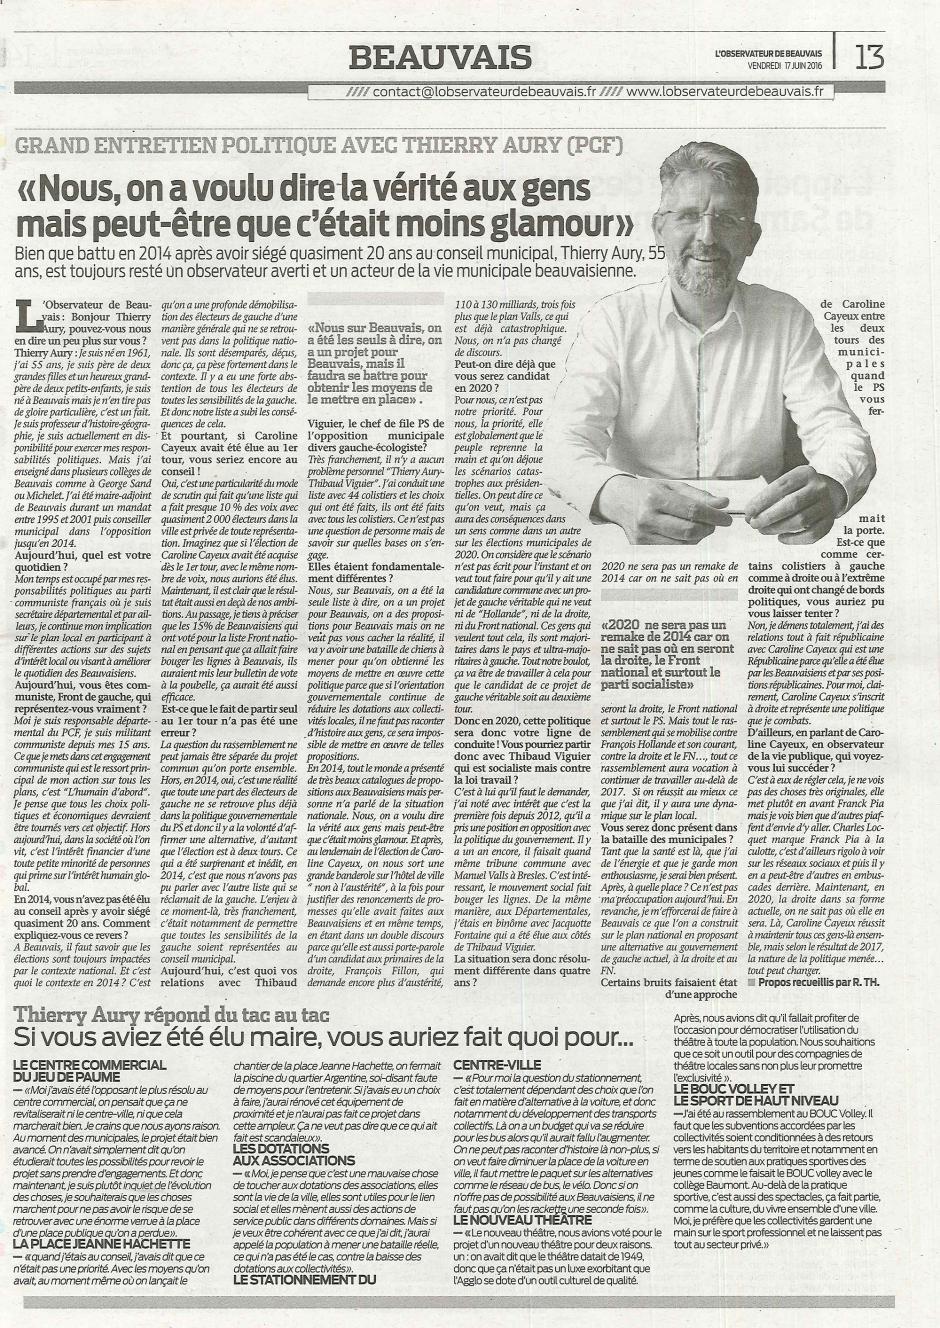 20160617-ObsBv-Beauvais-Grand entretien politique avec Thierry Aury (PCF)